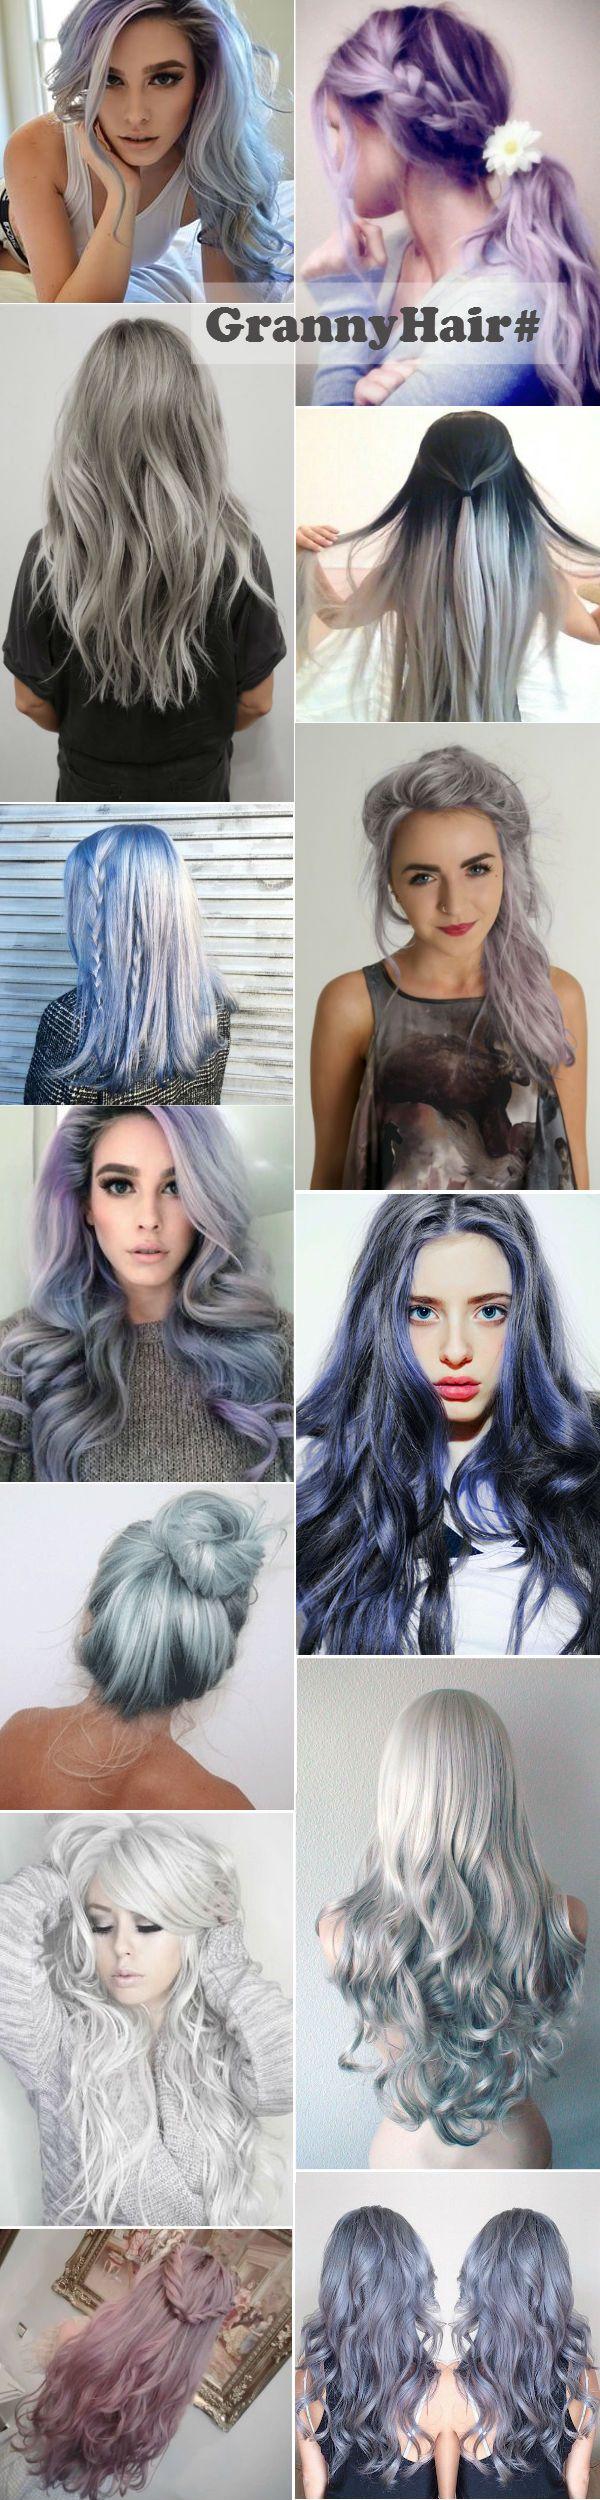 Gray hair granny hair grannyhair silver hair silver fox pastel